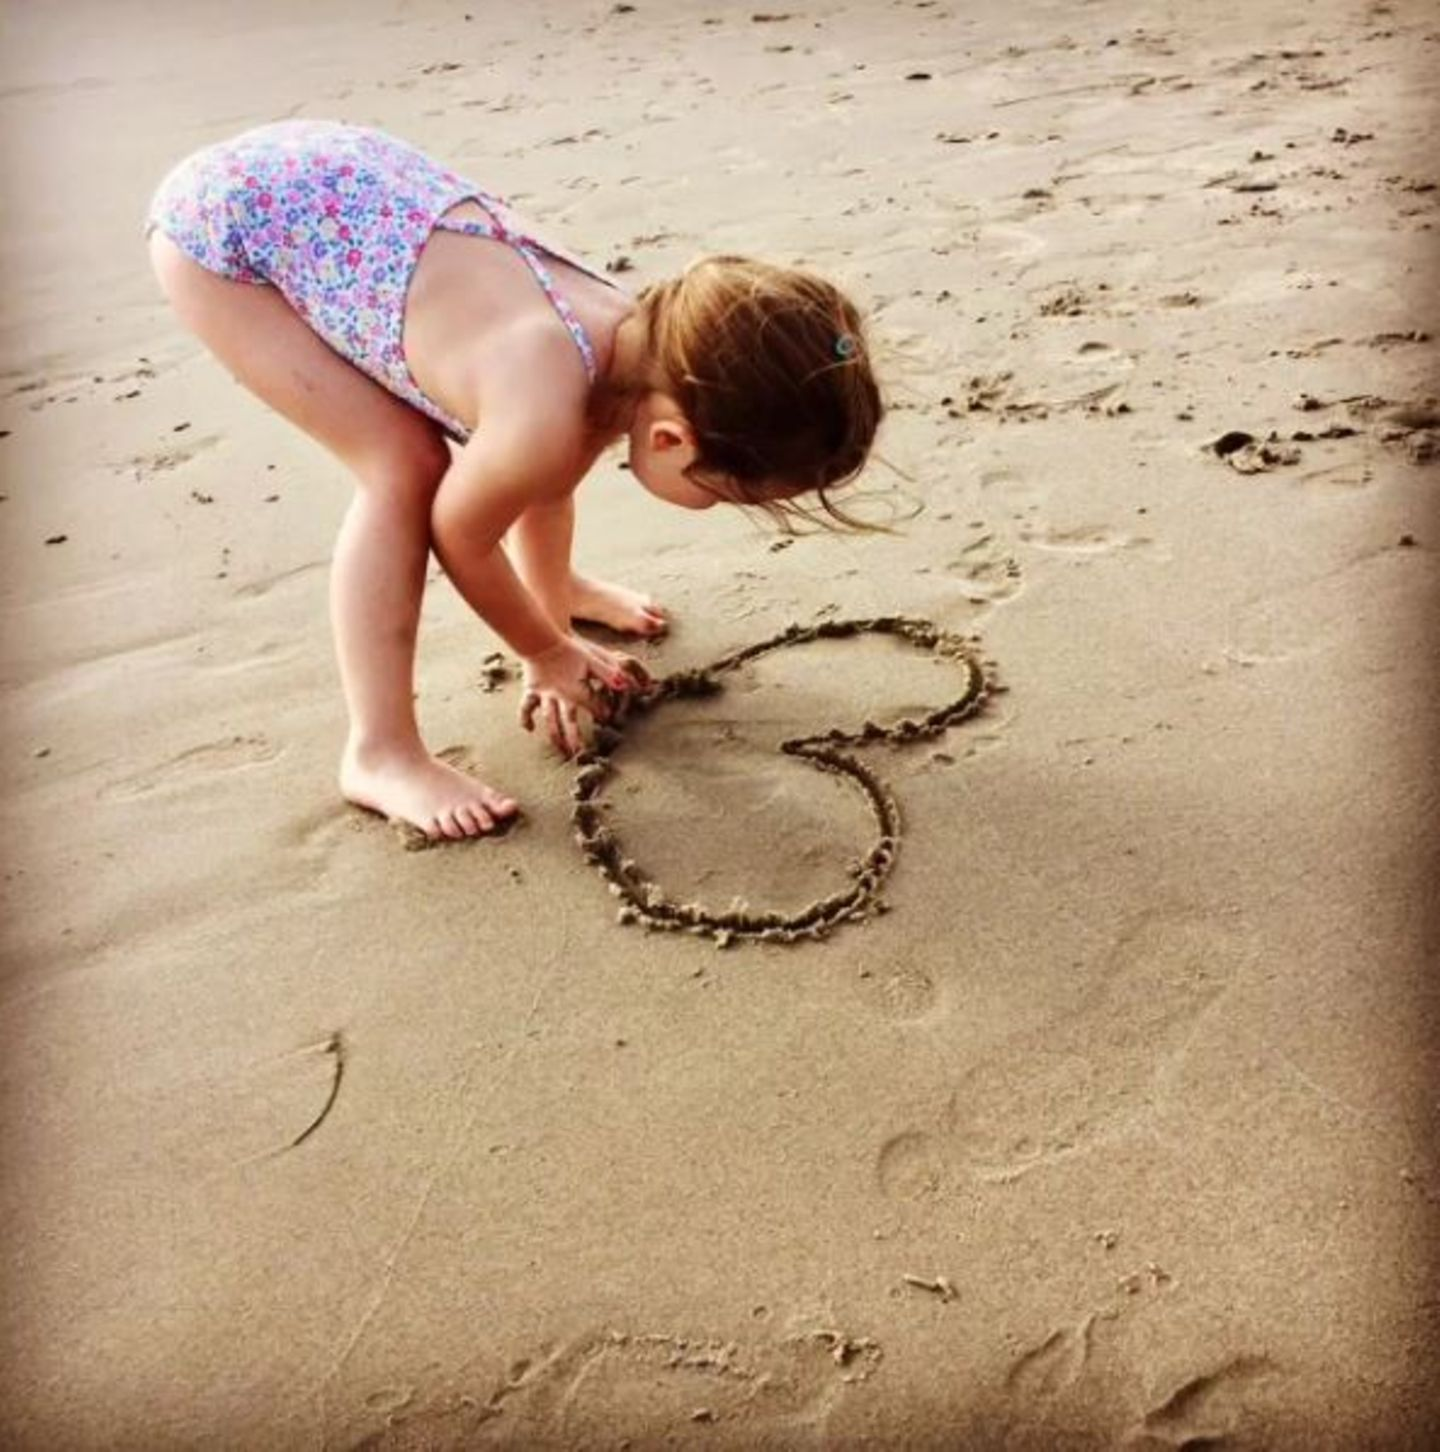 Dezember 2016   Theodora malt ein Herz in den Sandstrand und rührt damit ihre Mama. Ayda betitelt es mit Mamas Liebling.